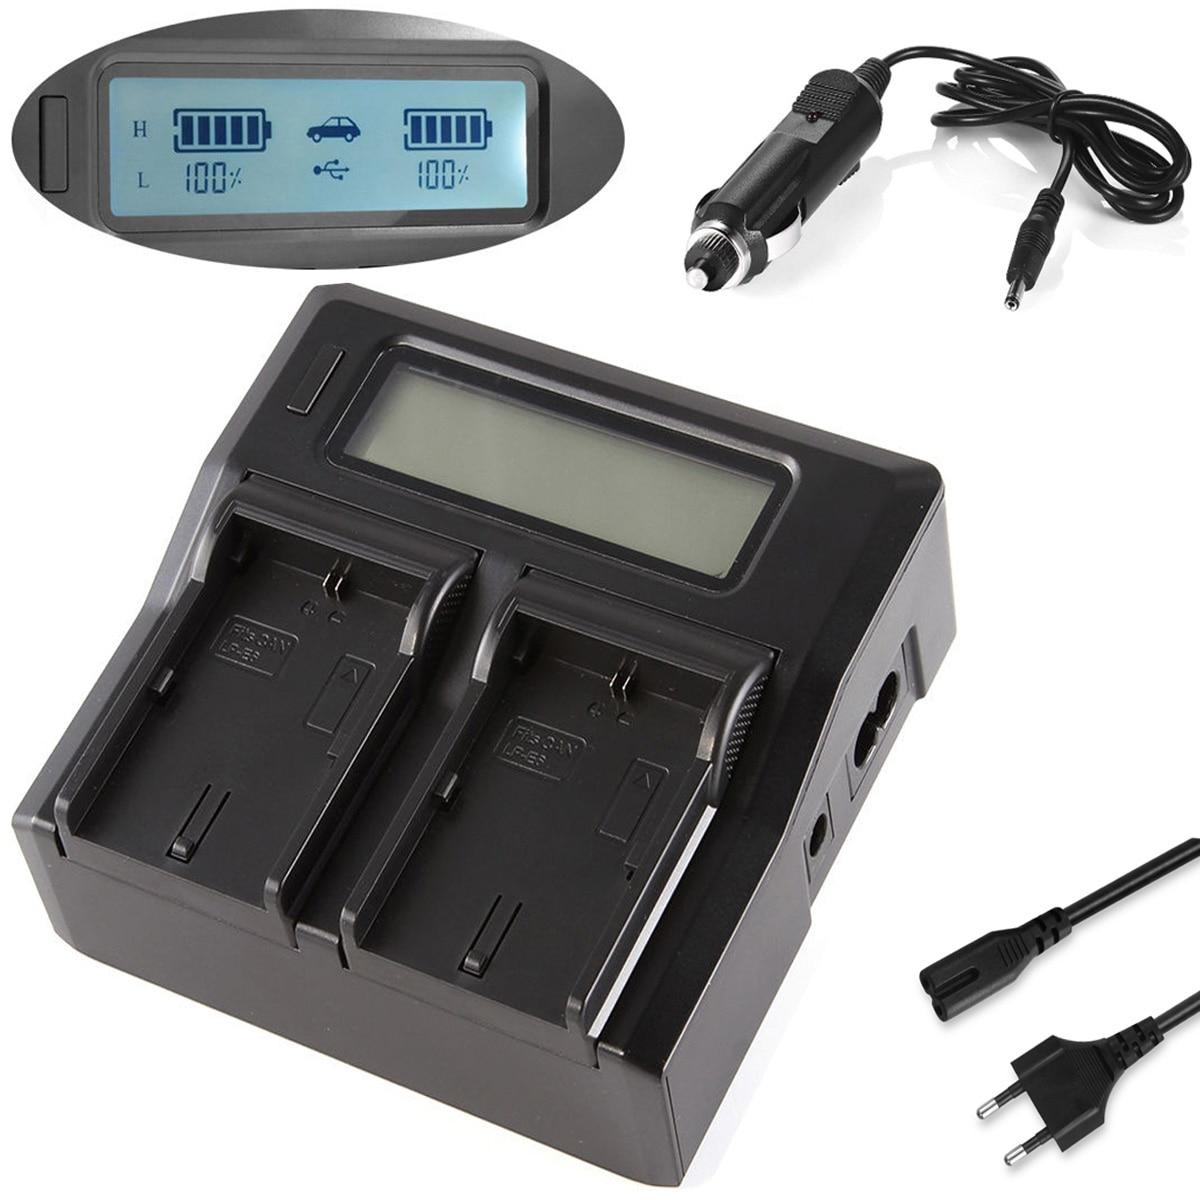 Cargador de batería rápido para Sony DSR-PDX10, DSR PDX10, PDX10P, PD150, PD150P, PD170, PD170P, PD175, PD175P, PD177P DVCAM videocámara